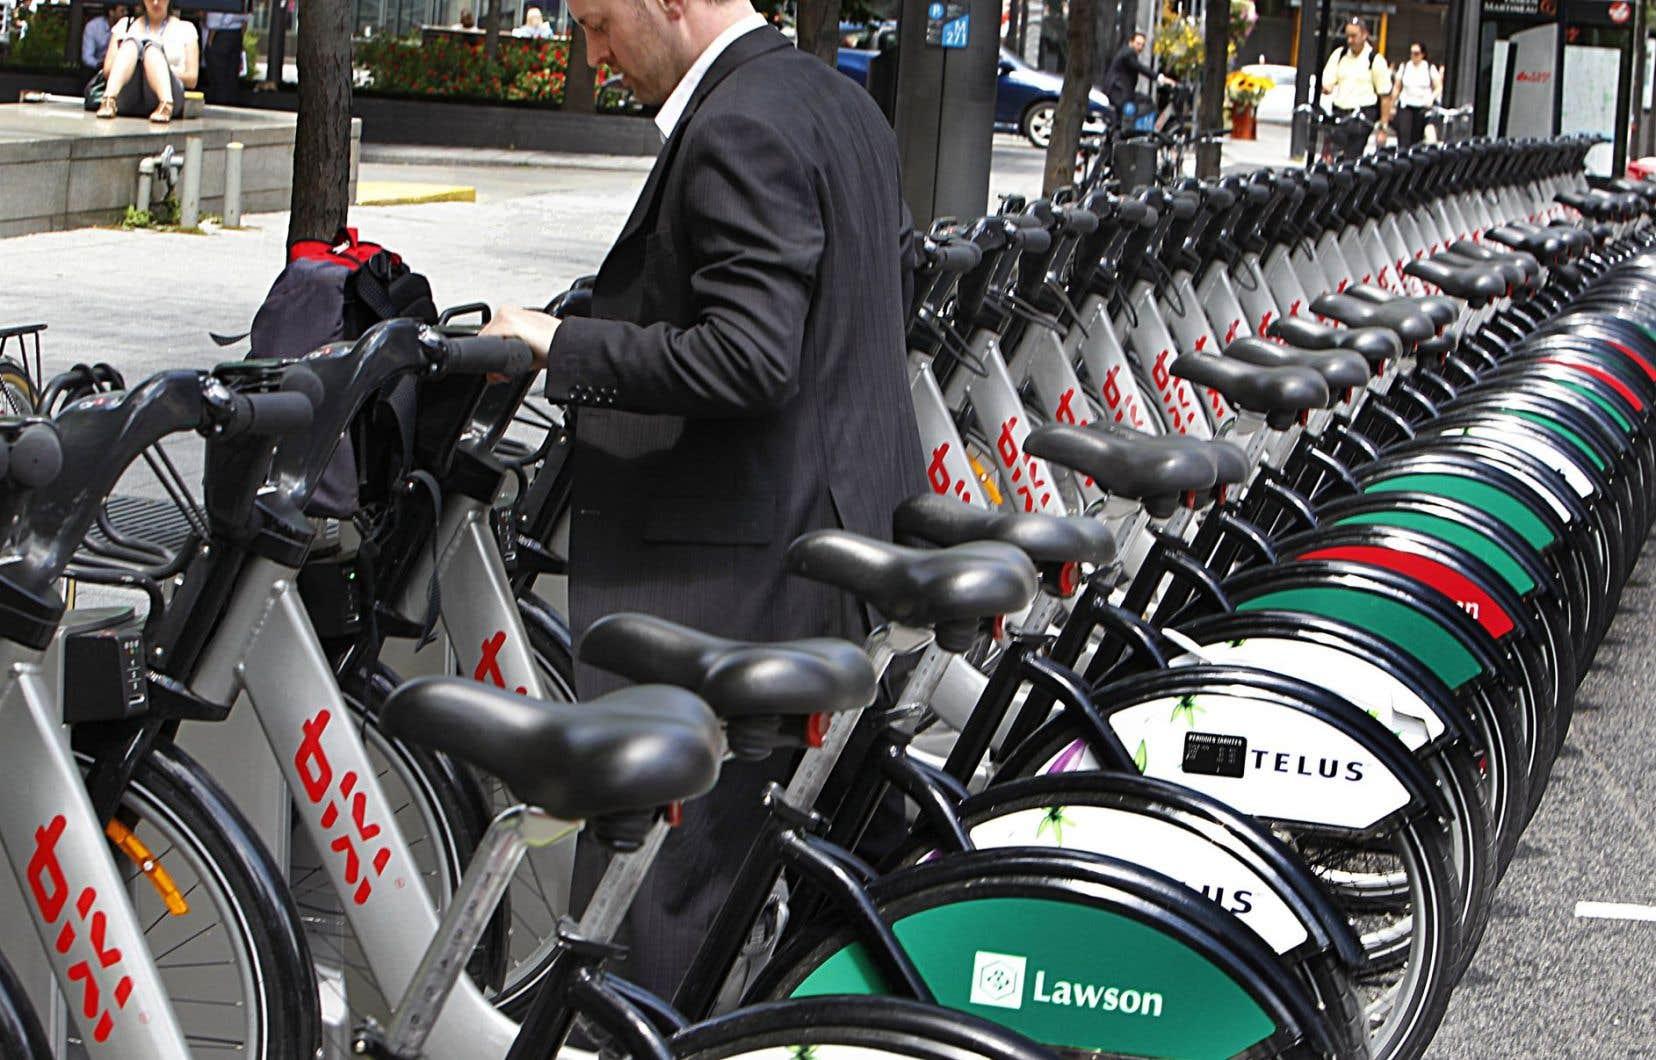 Alors qu'à l'origine, Bixi devait permettre une plus grande accessibilité au vélo, son usager moyen a aujourd'hui un salaire de 50 000$ par an.